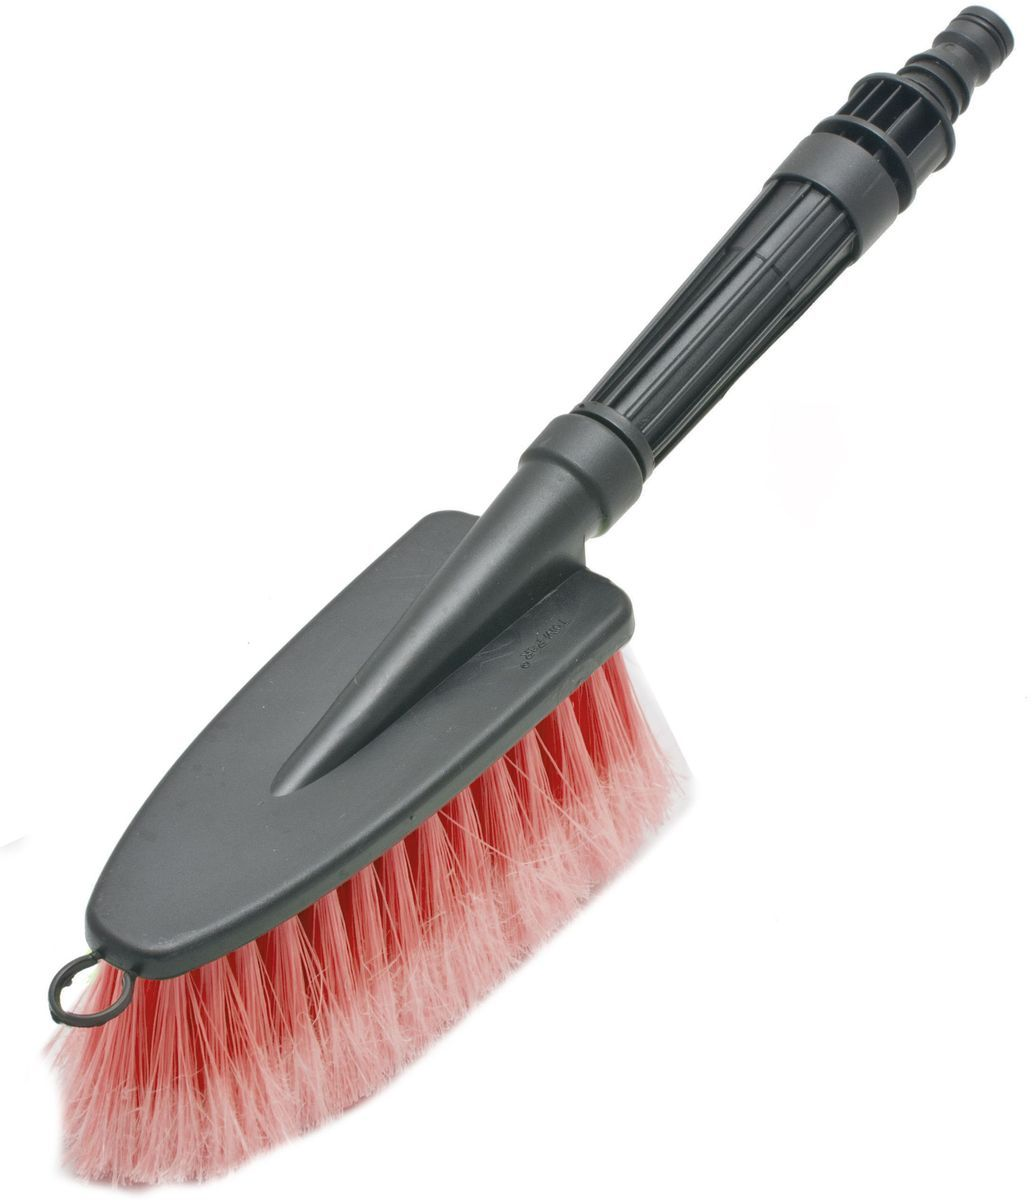 Щетка для мытья под шланг Главдор GL-584, с двойным клапаном, цвет: красный